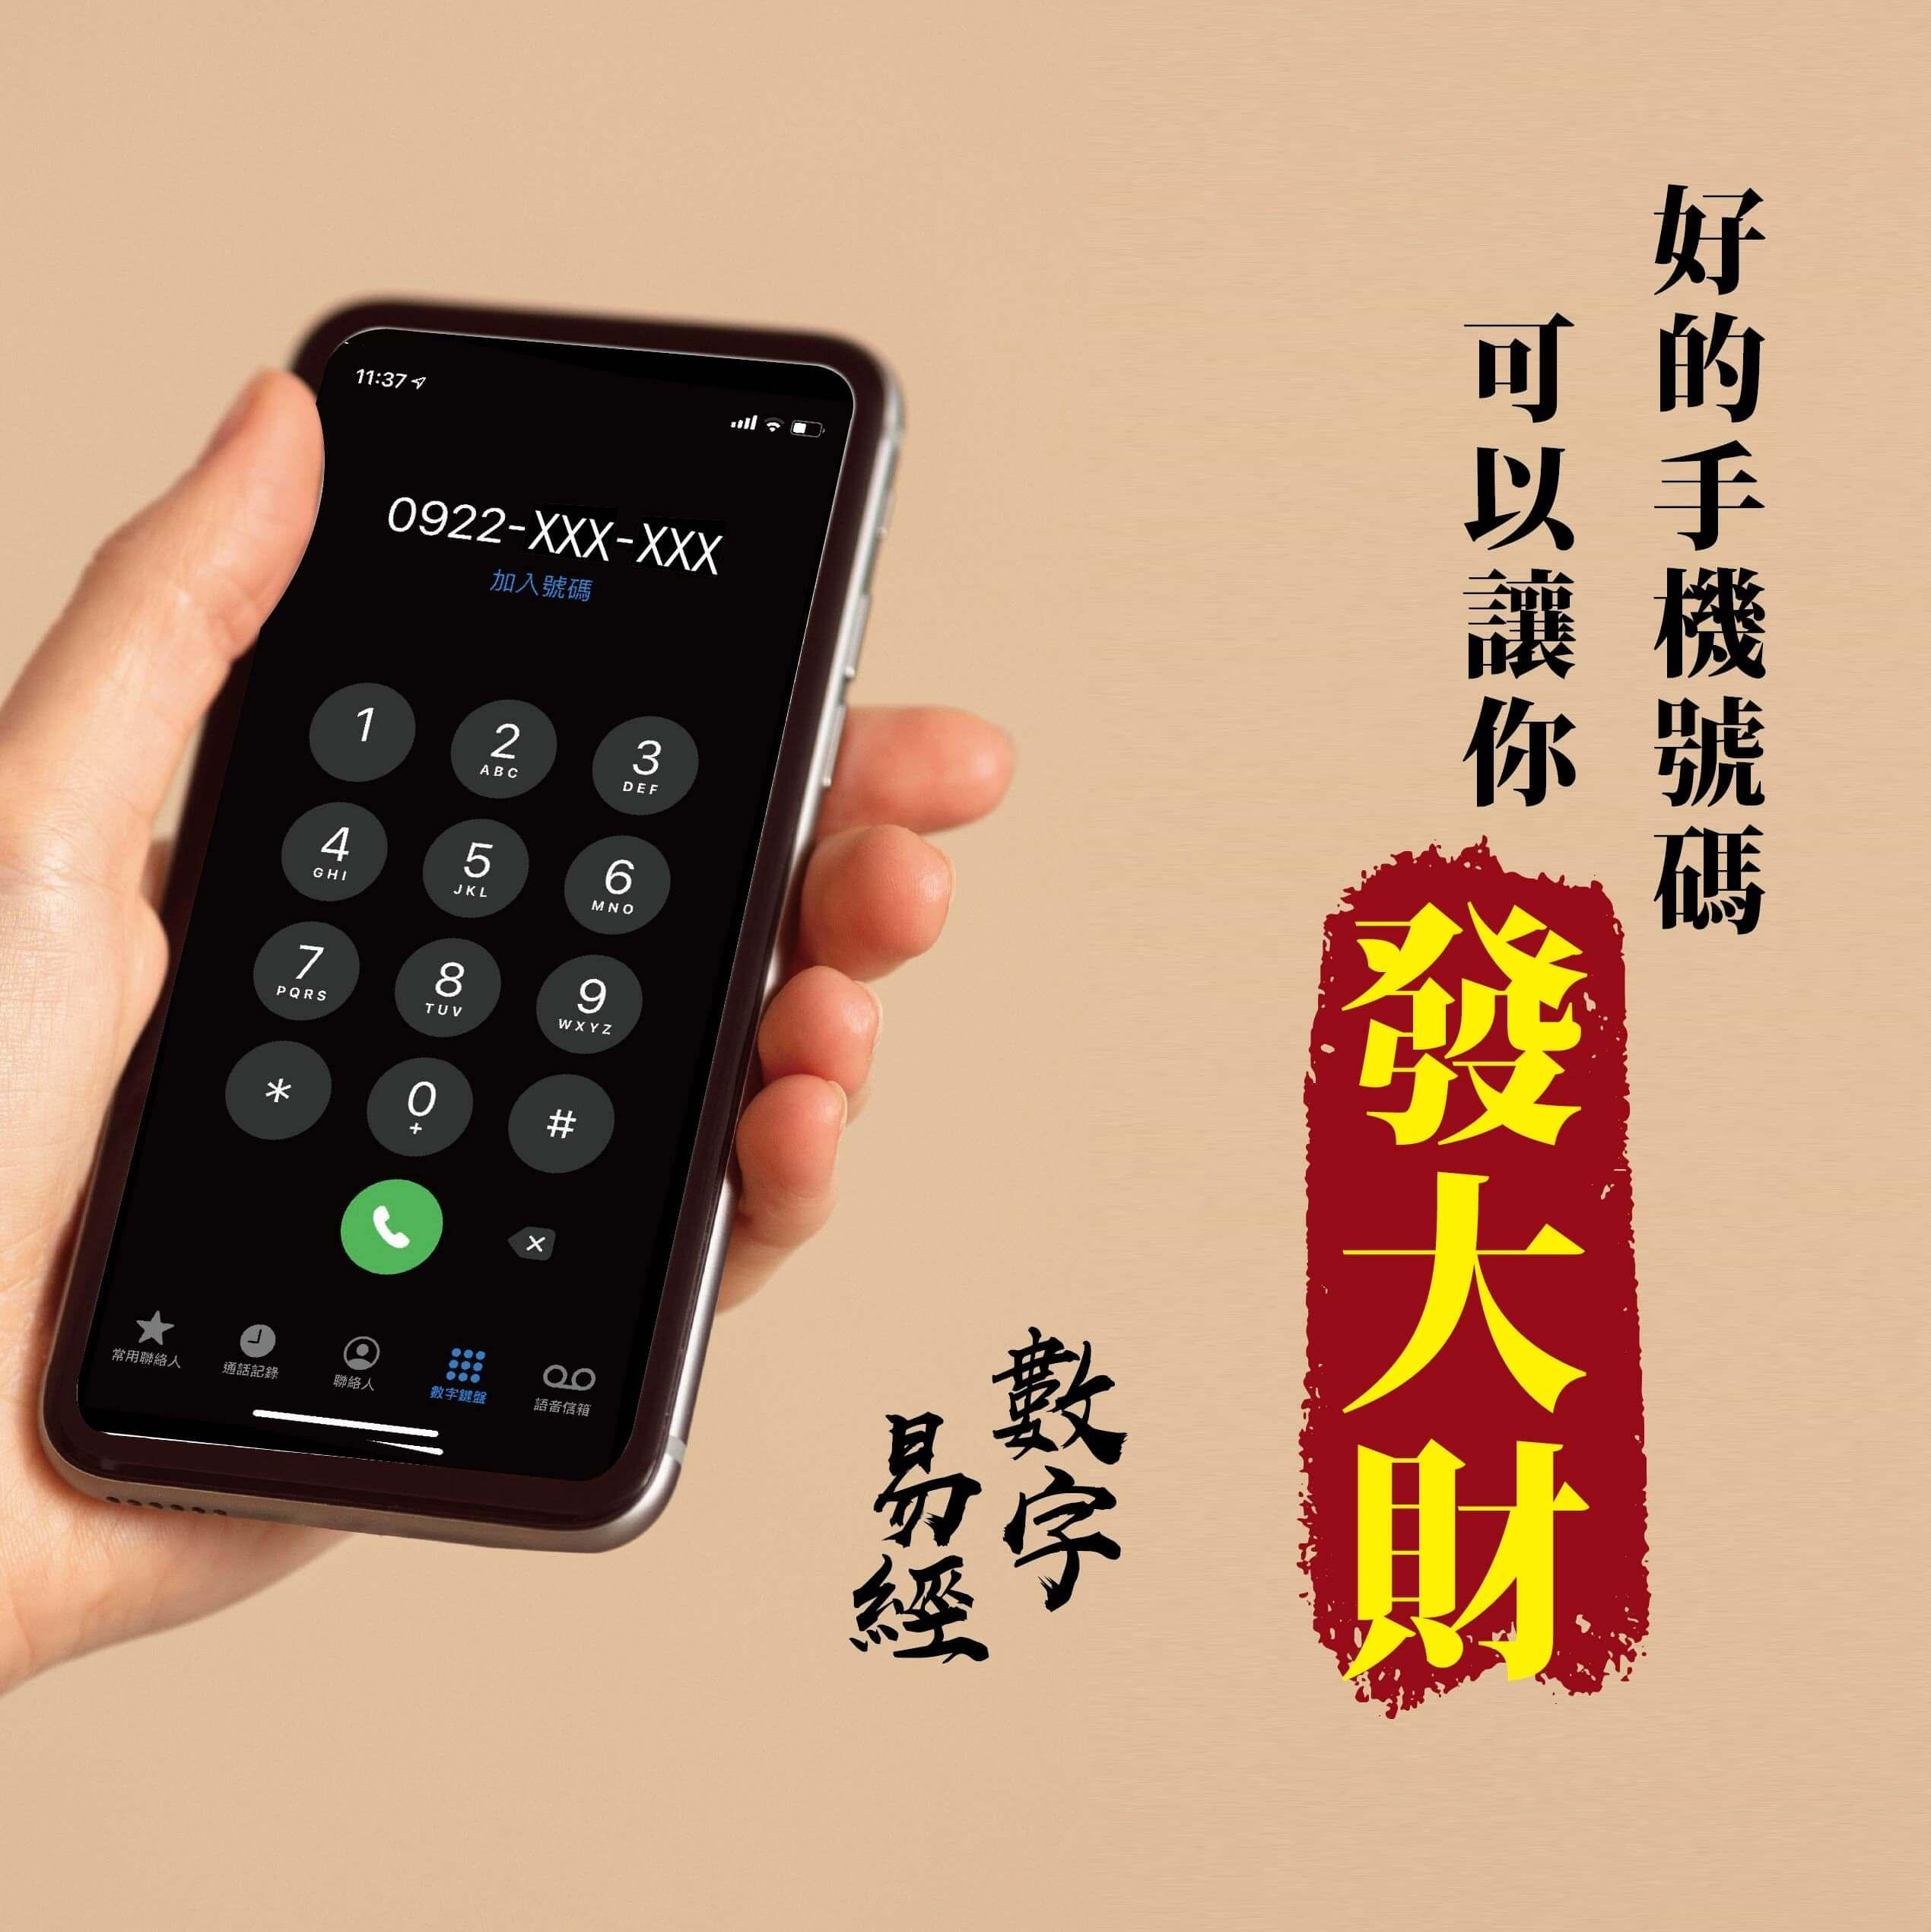 阿米巴-小巨數字易經-數字發大財0414-01